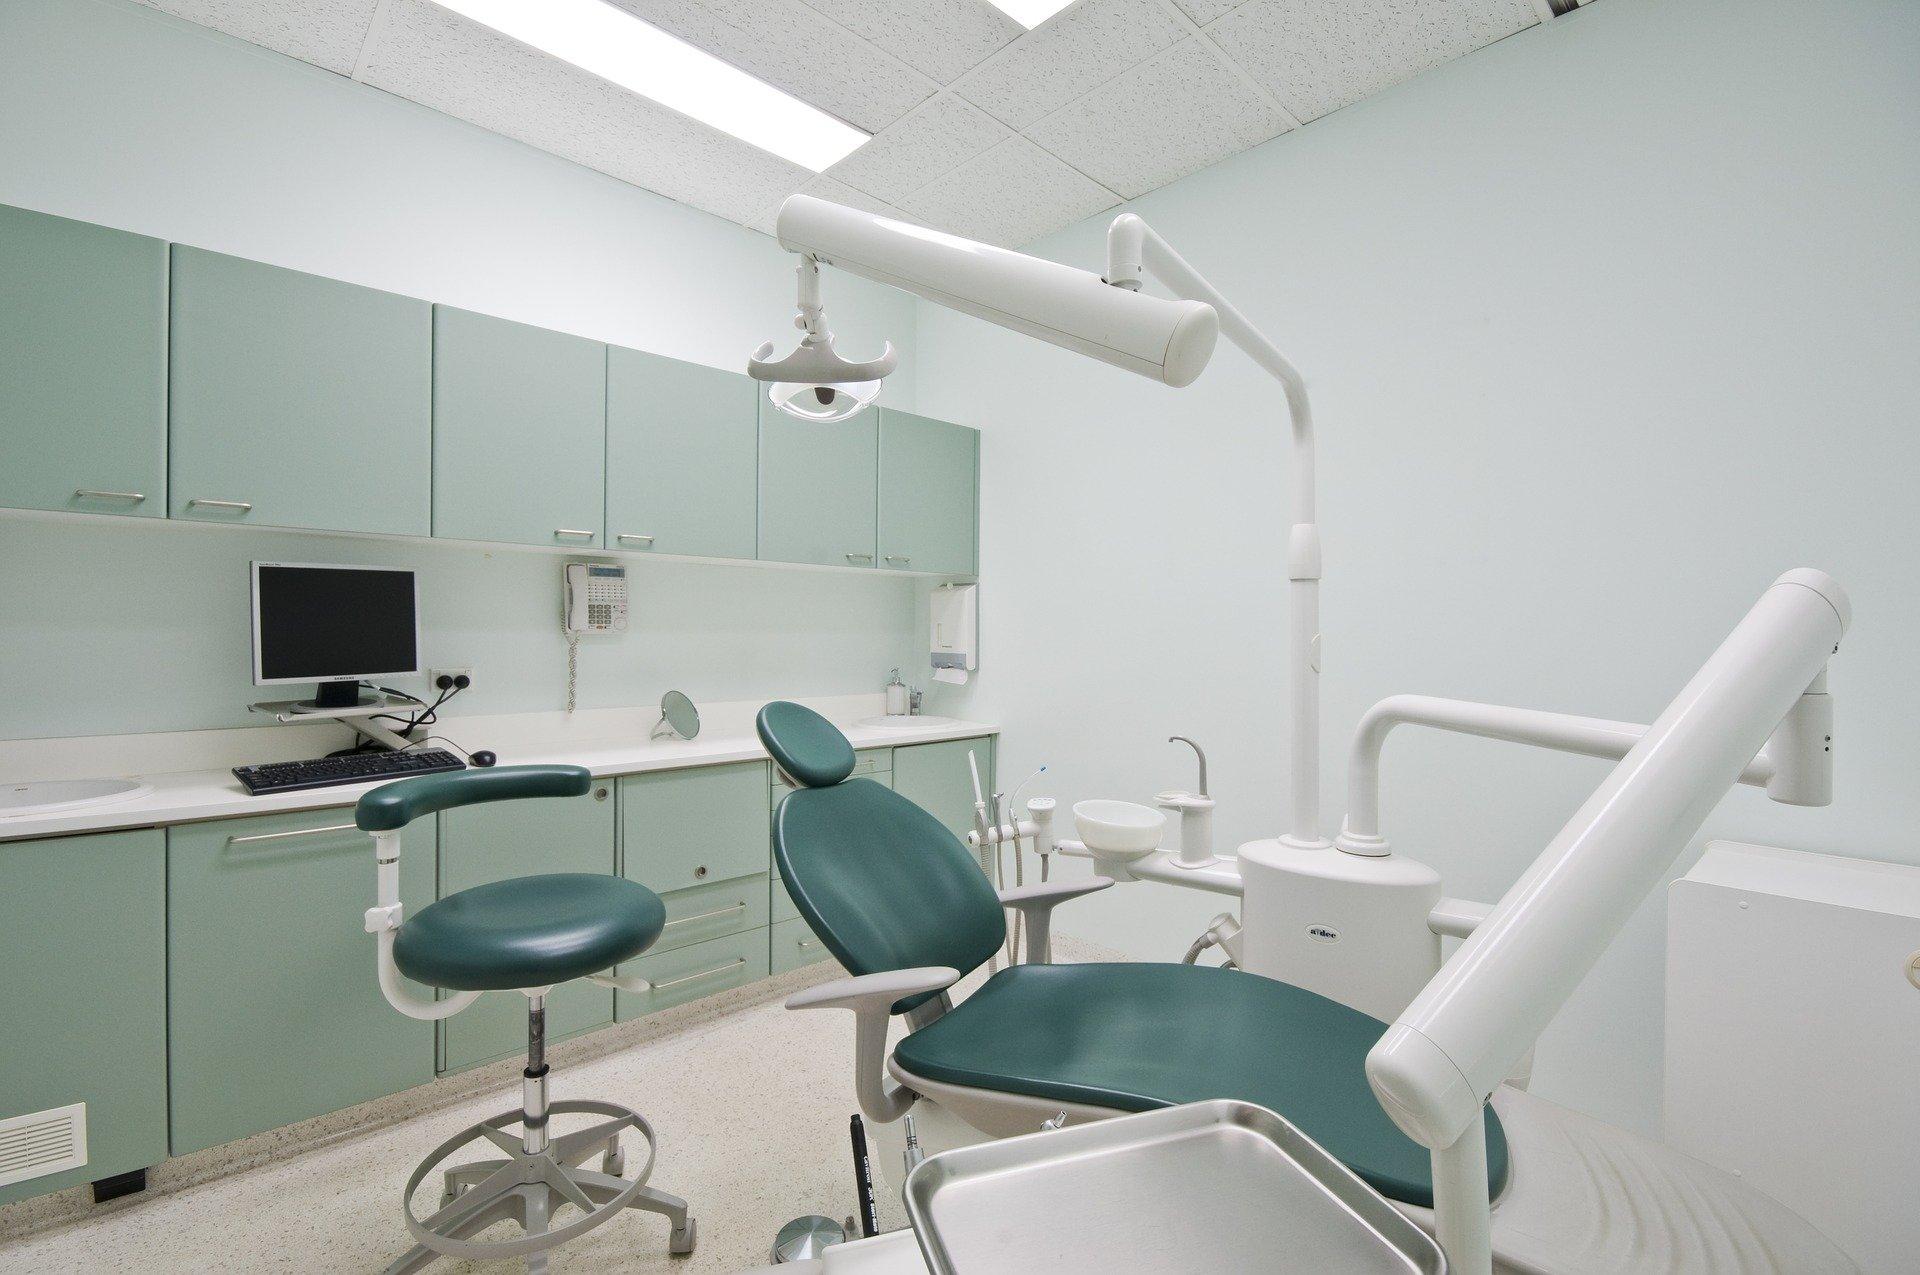 Visita ao dentista evita problemas da saúde em geral